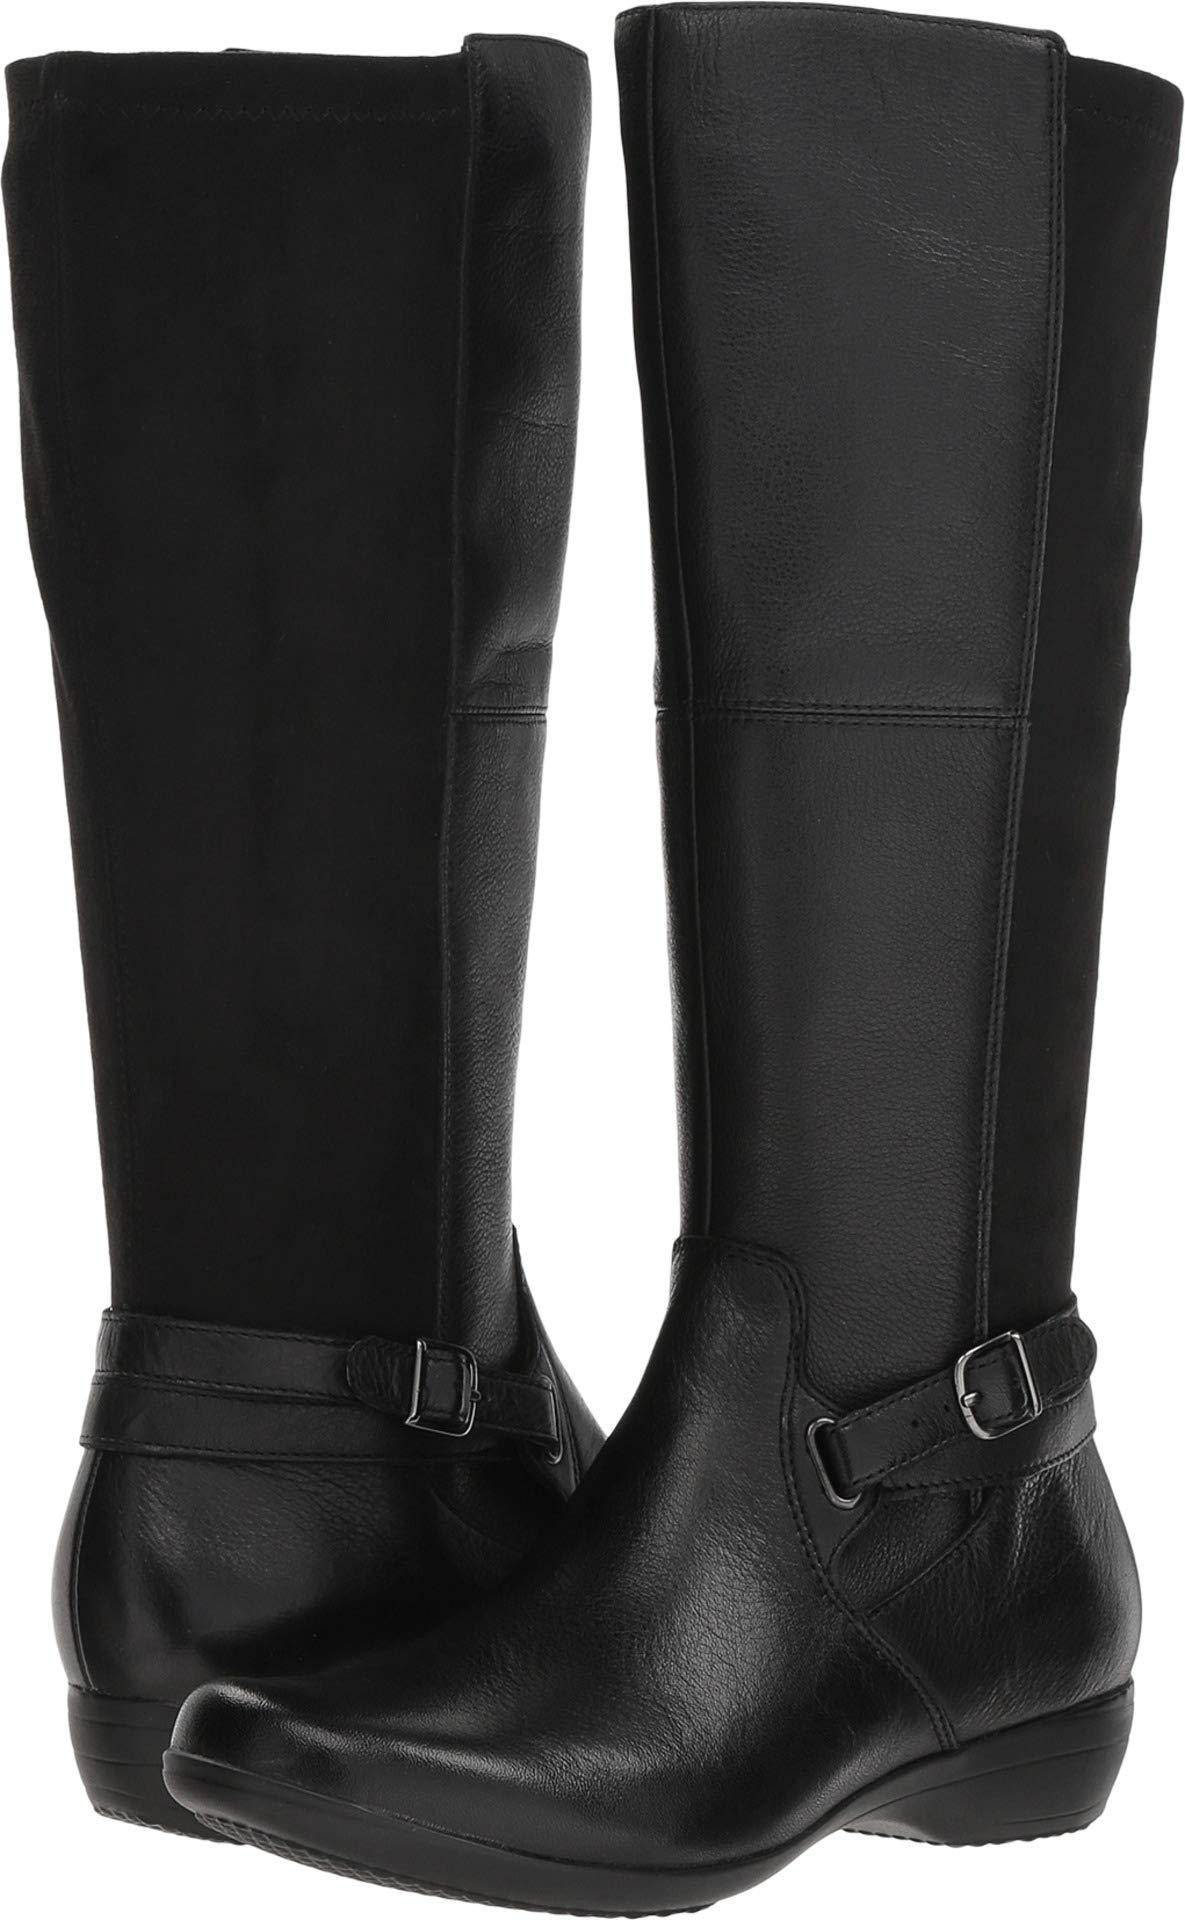 dansko Women's Francesca Knee High Boot, Black Milled Nappa, 39 M EU (8.5-9 US) by Dansko